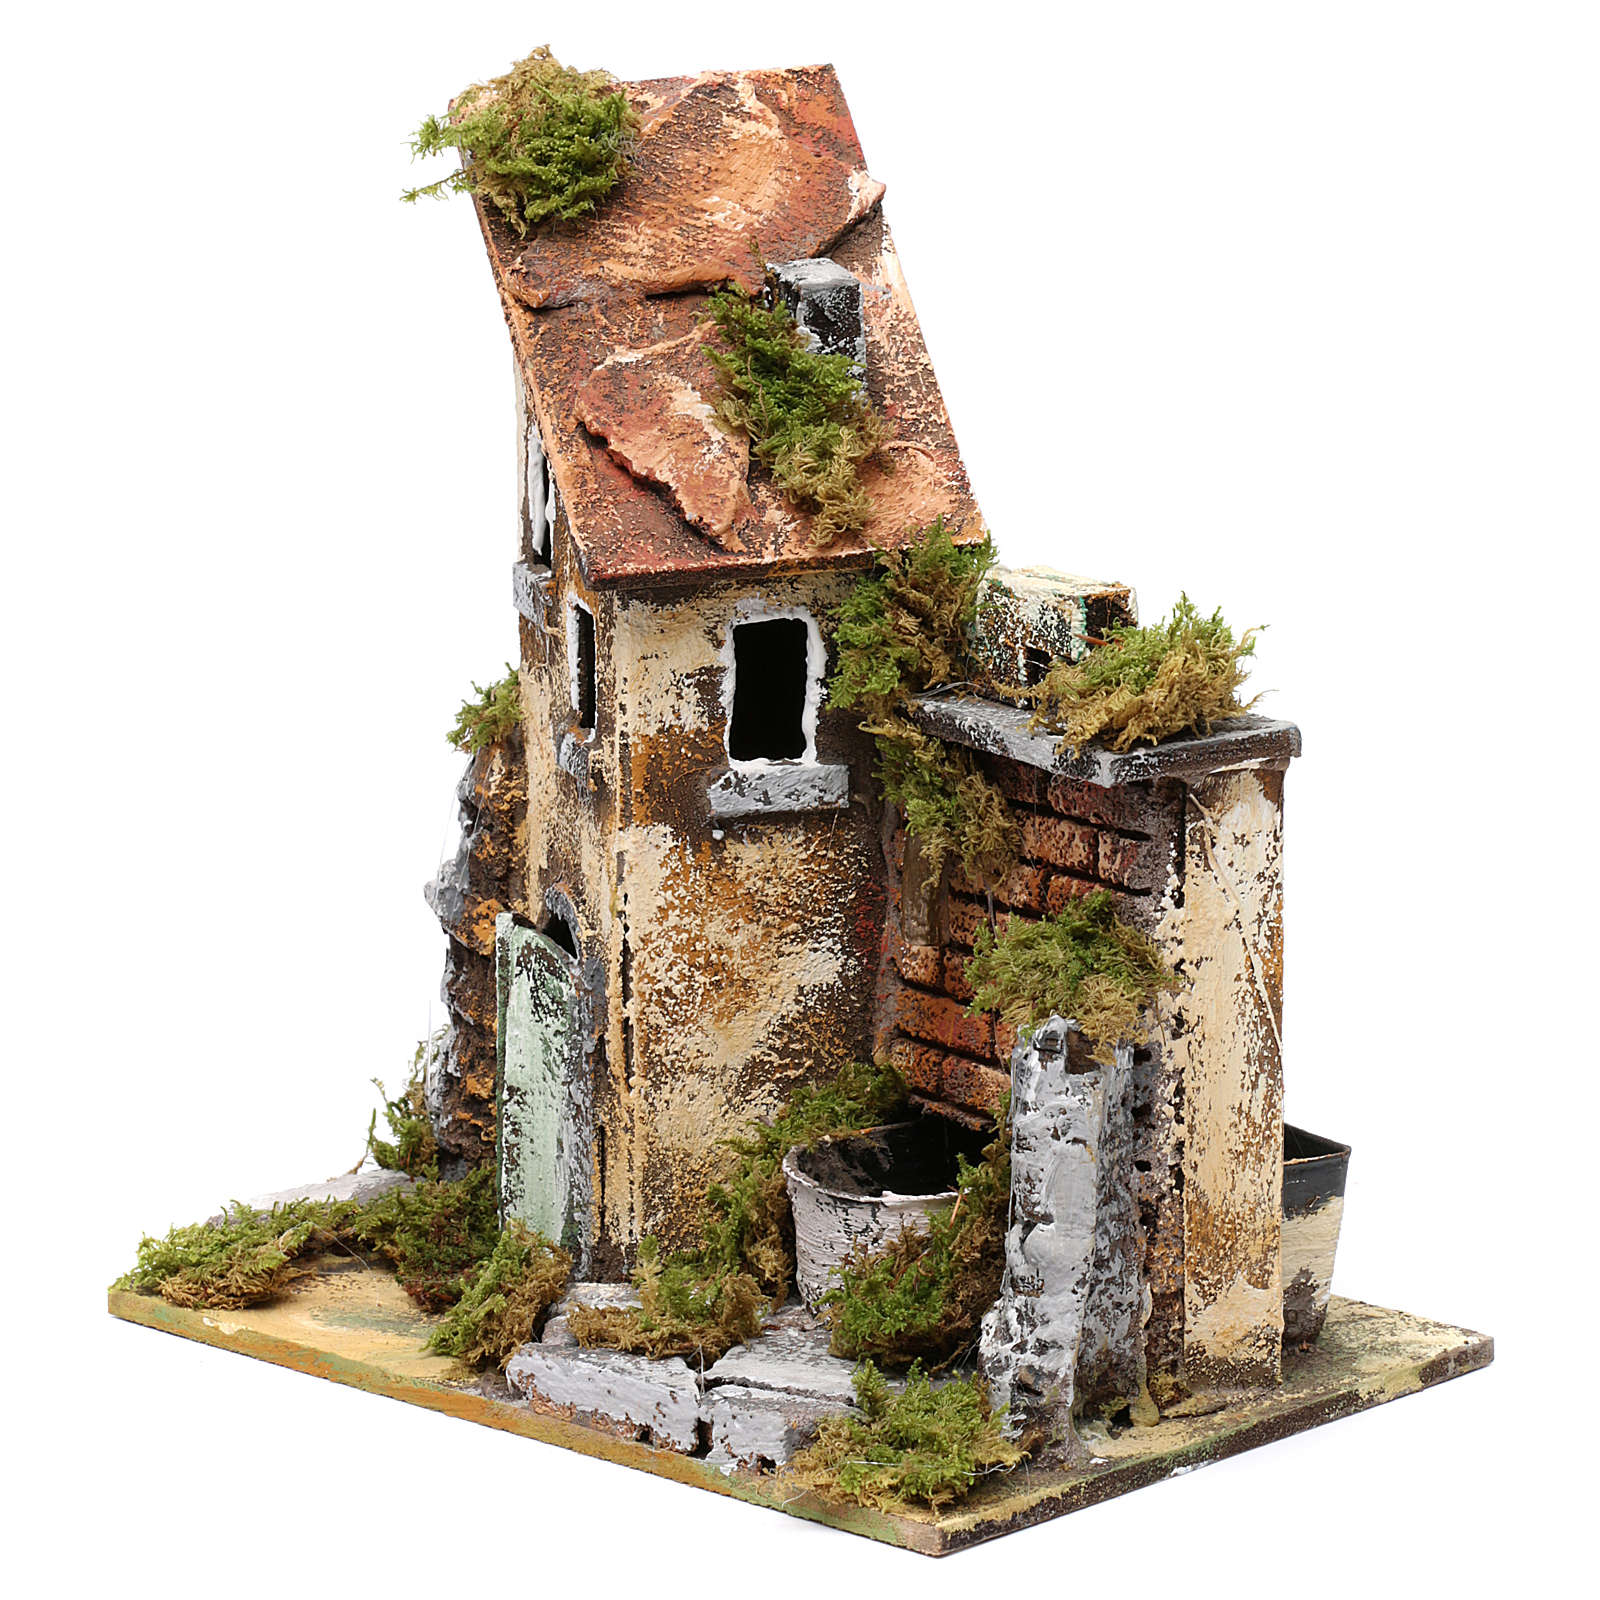 Fontaine avec pompe et maison pour crèche 25x20x15 cm 4